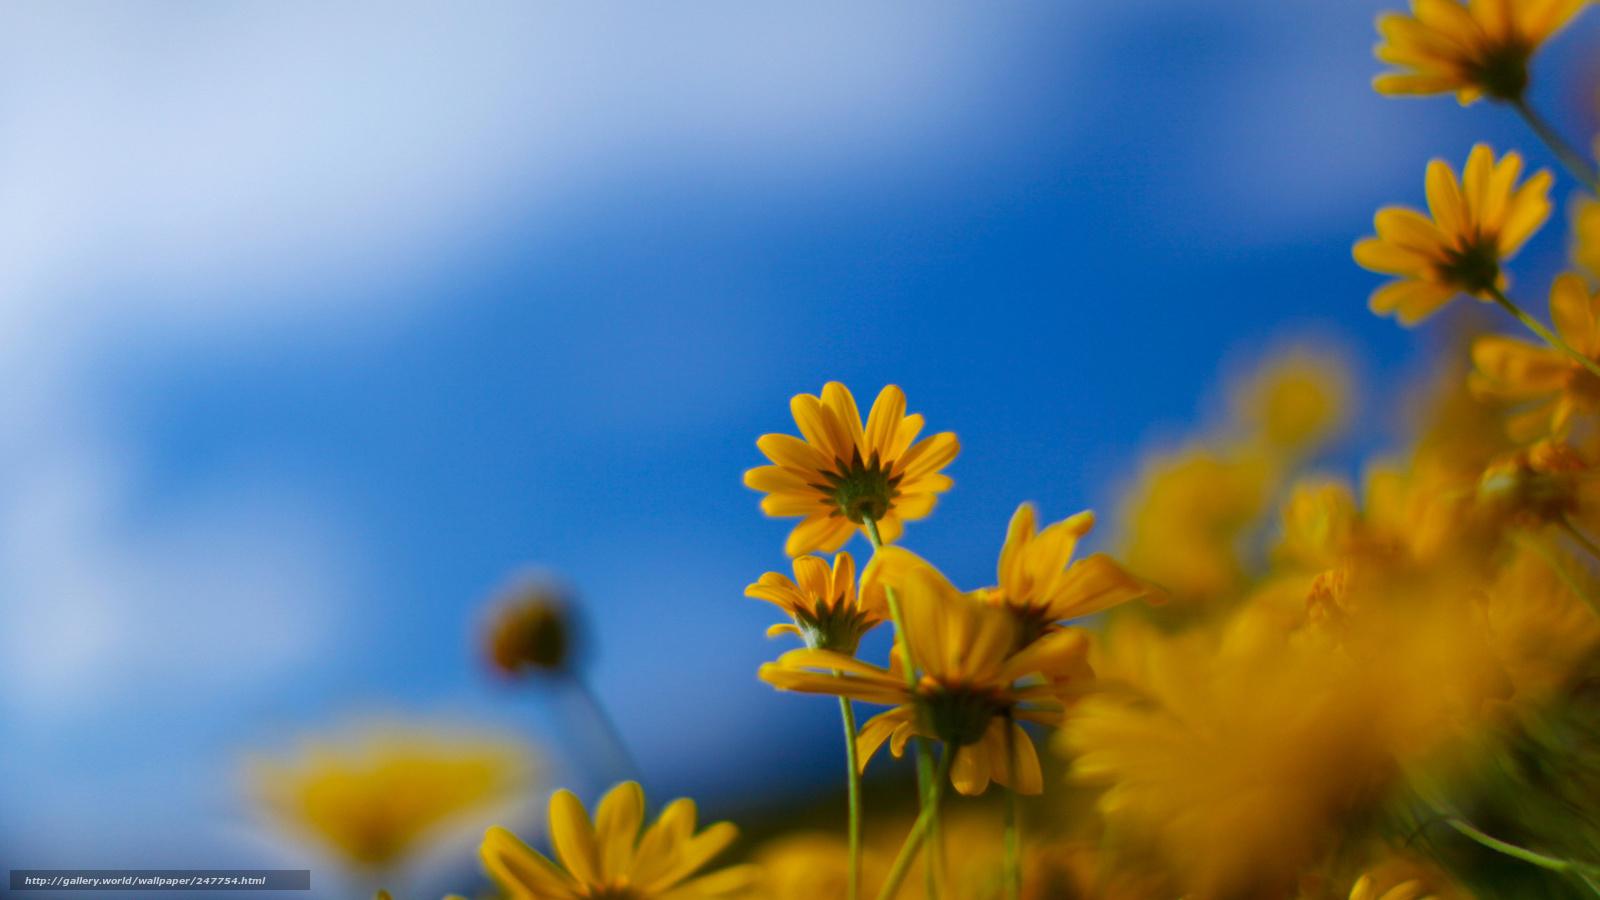 Tlcharger fond d 39 ecran full hd fleurs nature printemps for Fond full hd